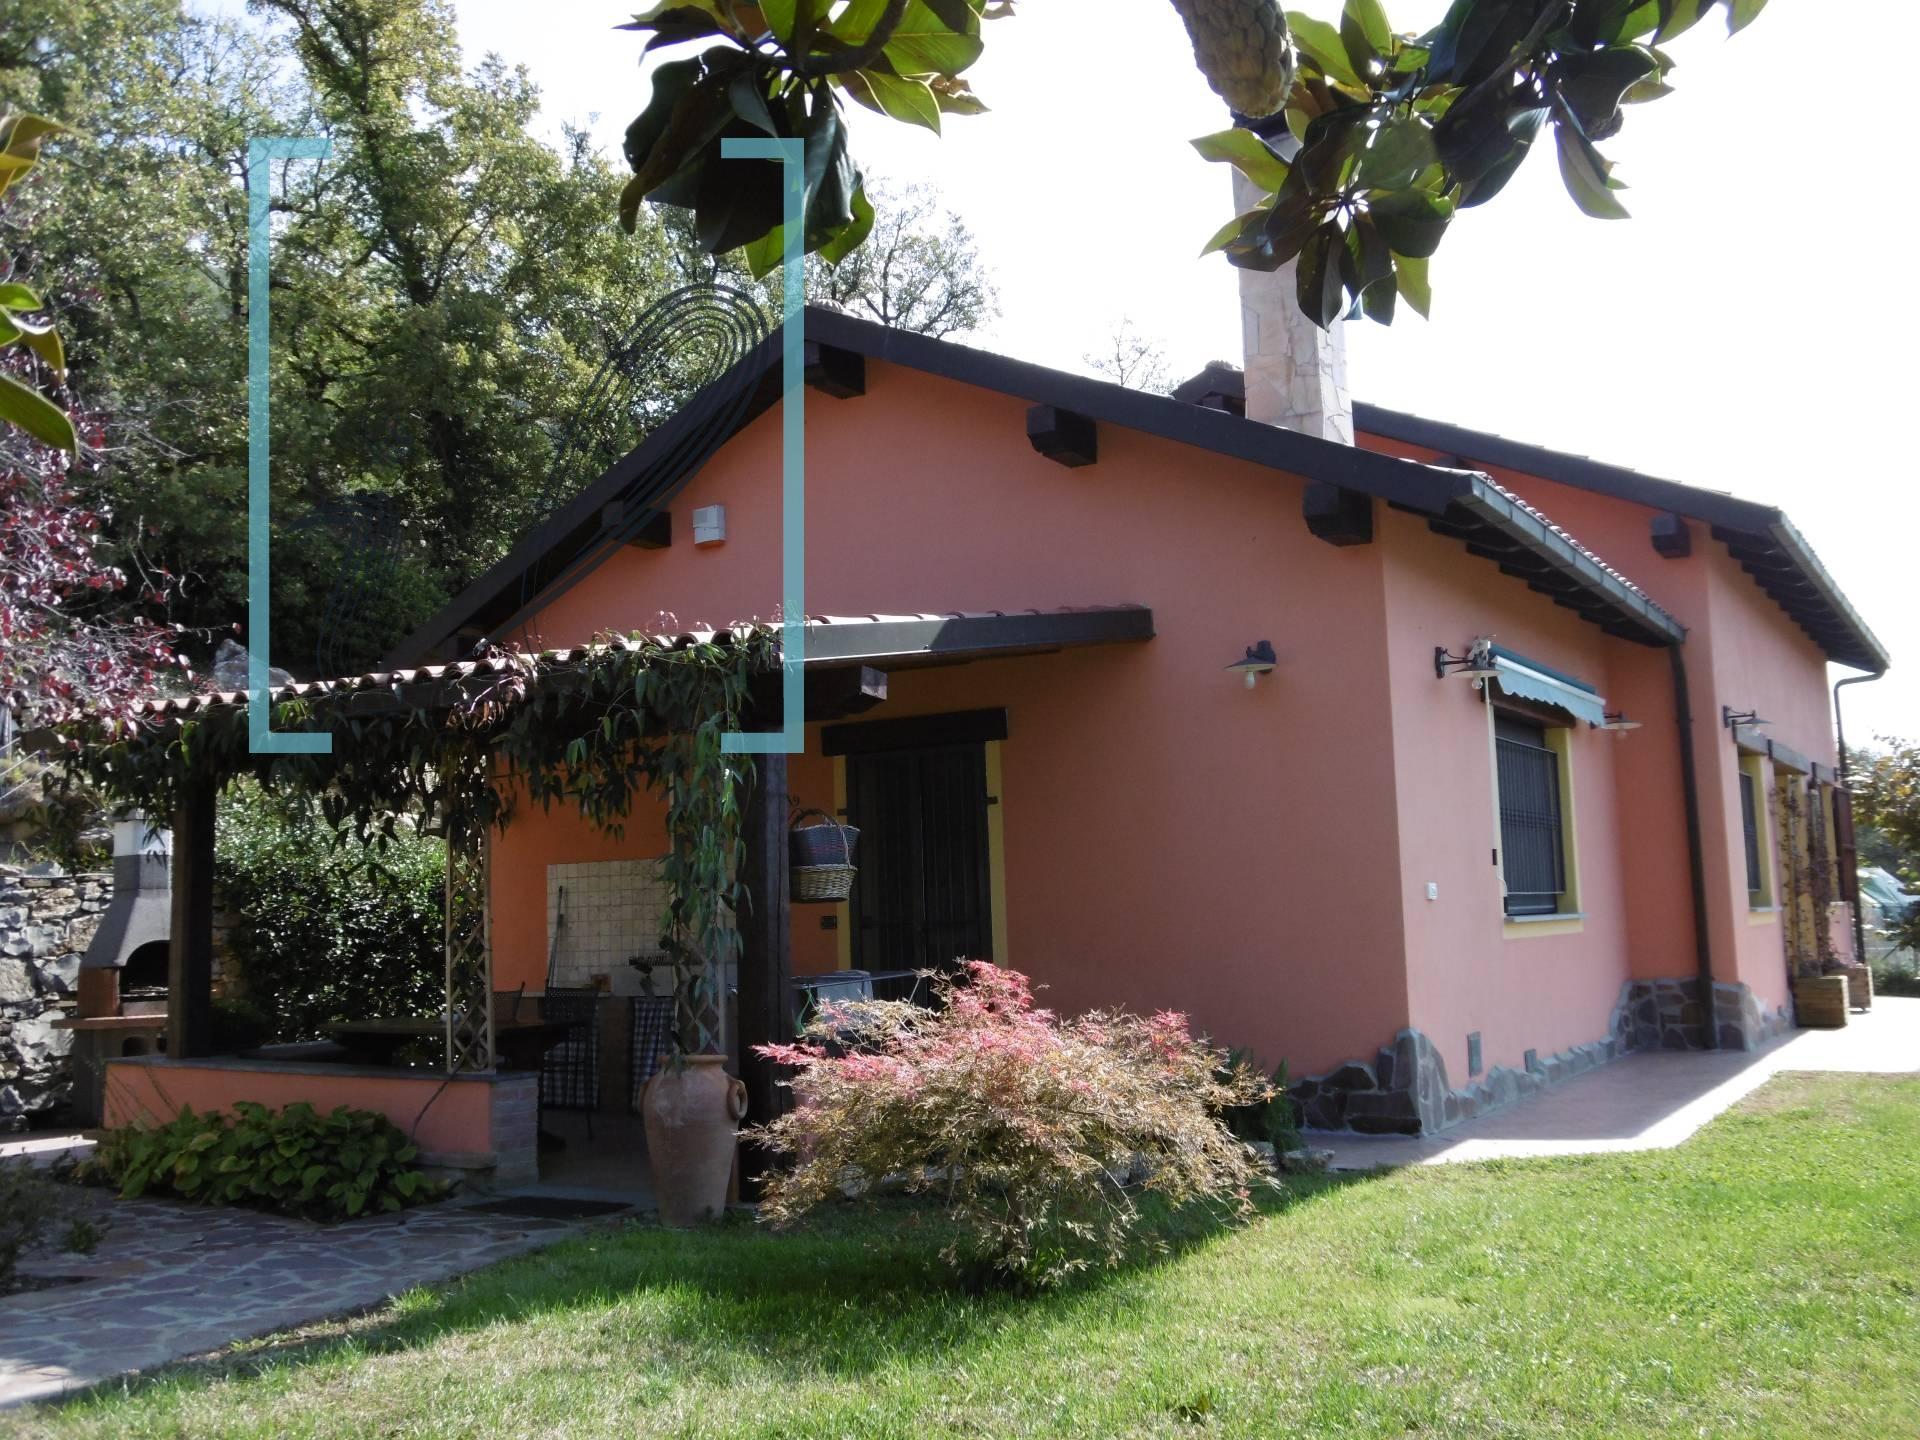 Villa in vendita a Imperia, 4 locali, prezzo € 298.000 | CambioCasa.it